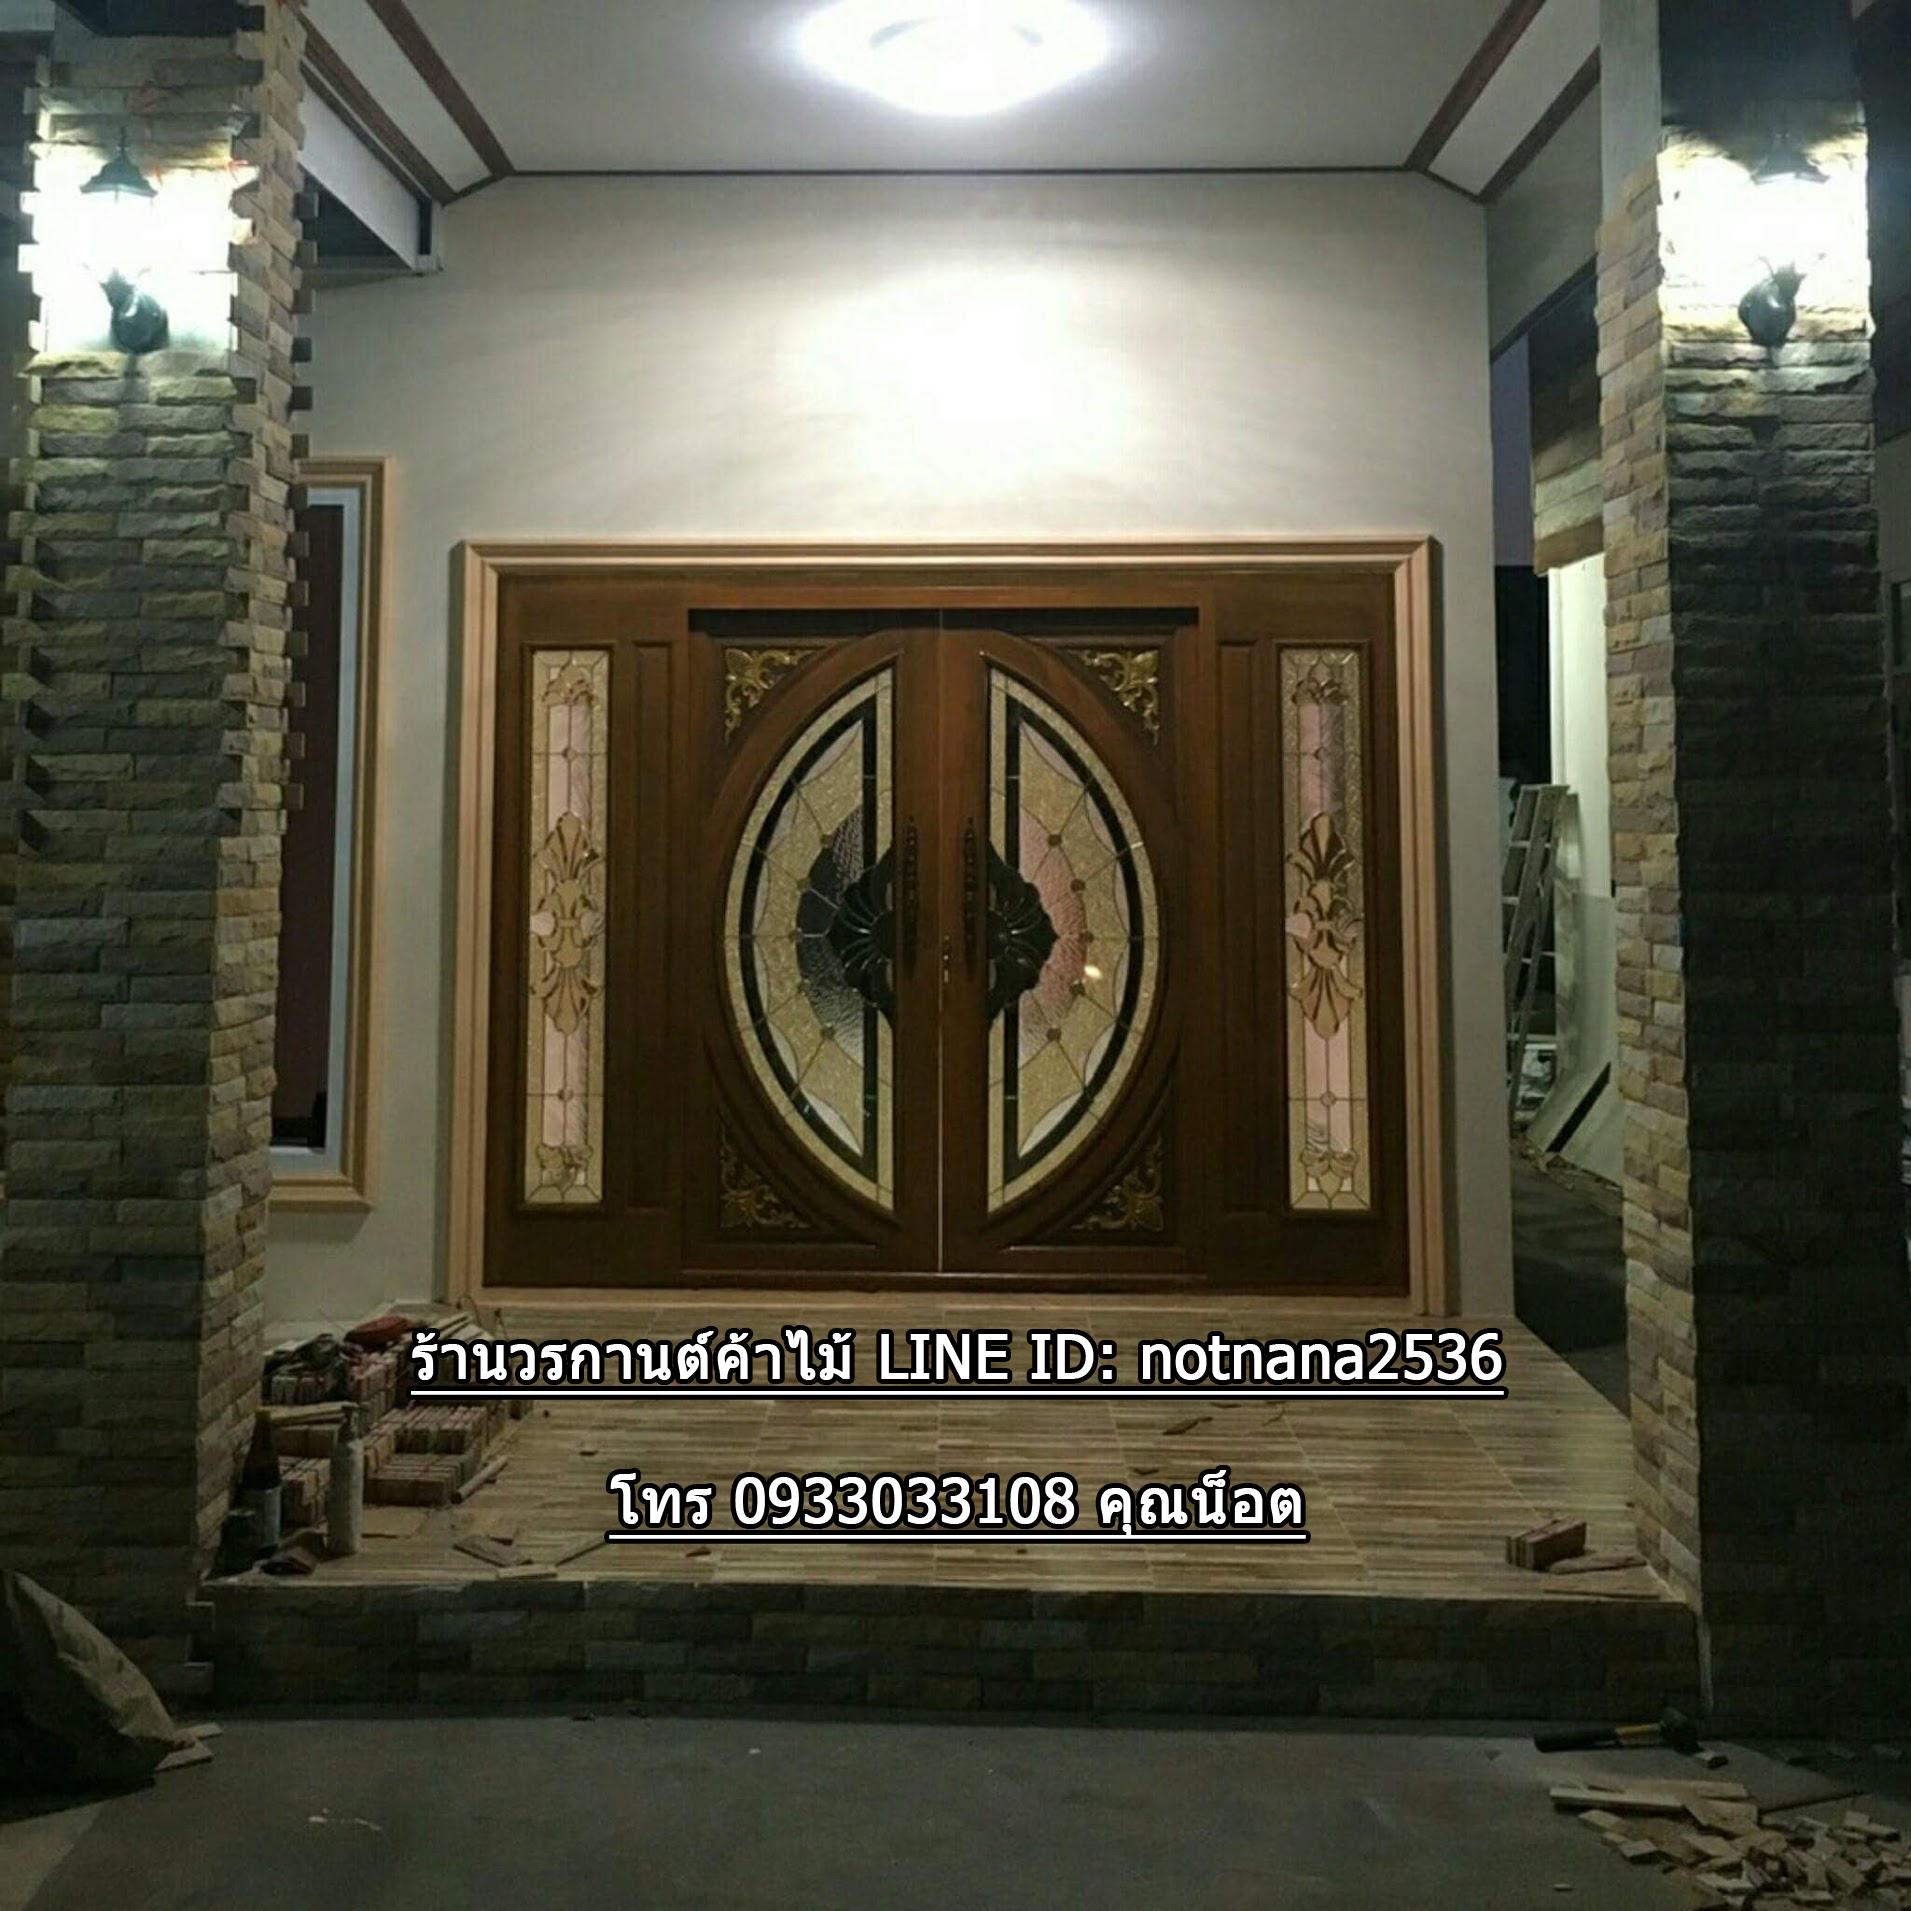 ประตูไม้สักกระจกนิรภัย แตงโมเต็มบาน ชุด4ชิ้น รหัส AAA79